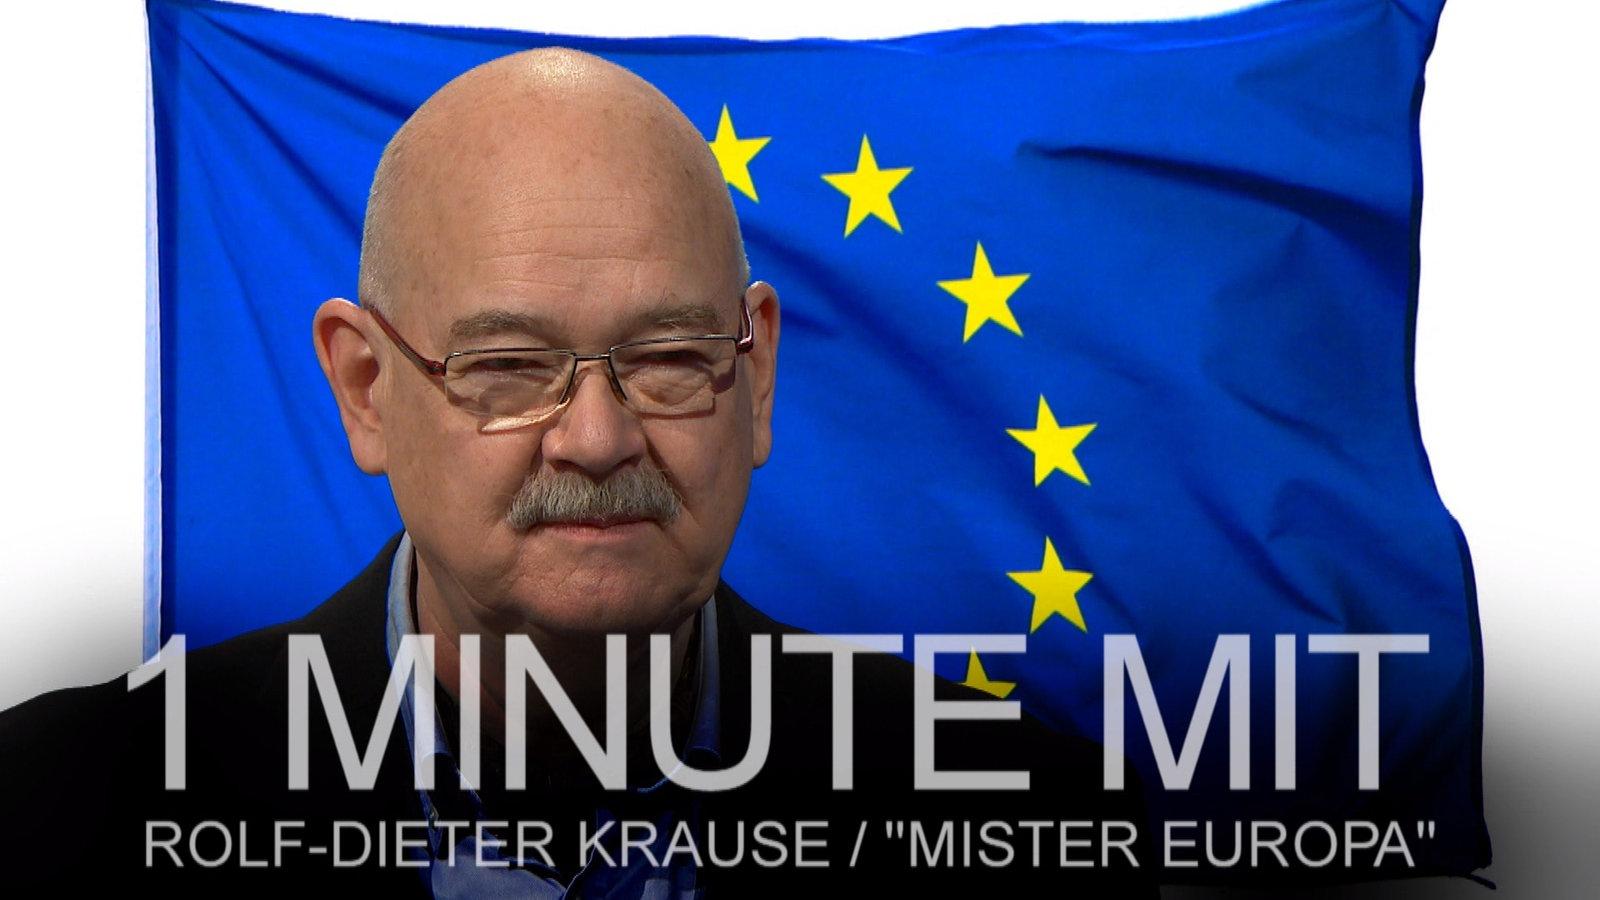 Krause Rolf Dieter